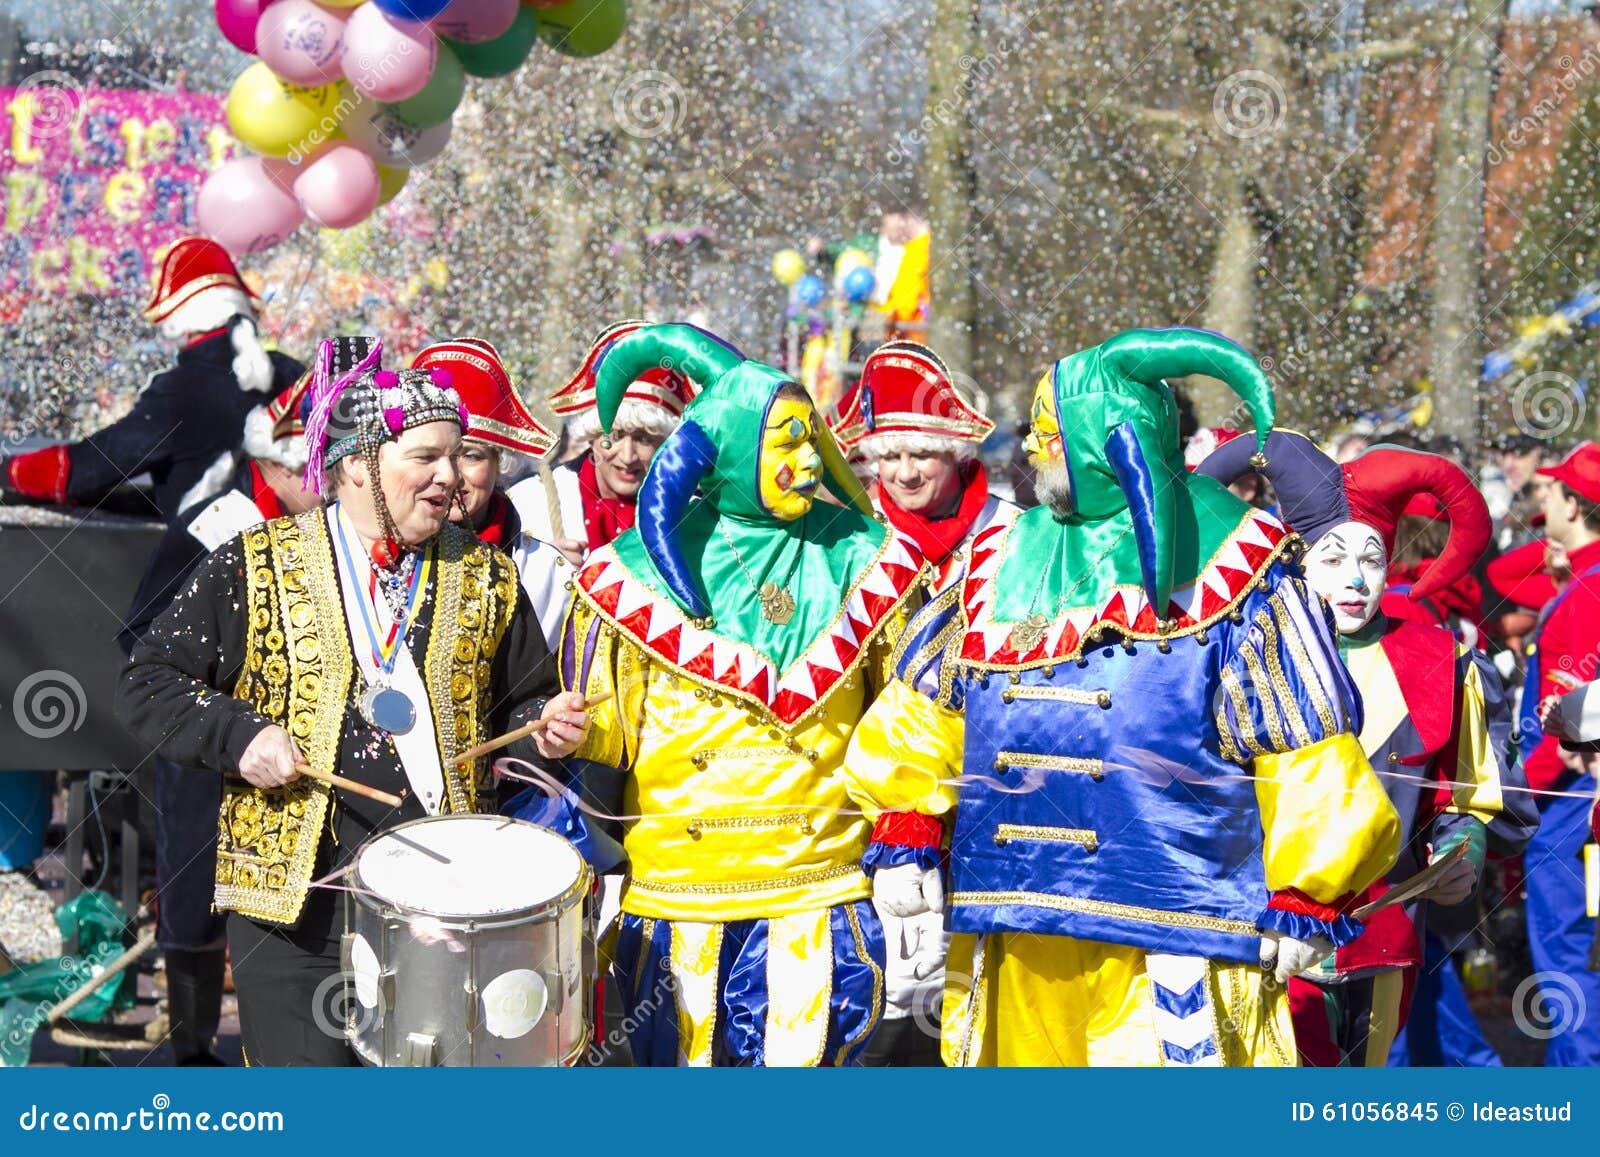 OLDENZAAL NEDERLÄNDERNA - MARS 6, 2011: Folket i färgglad karnevalklänning under den årliga karnevalet ståtar i Oldenzaal som är